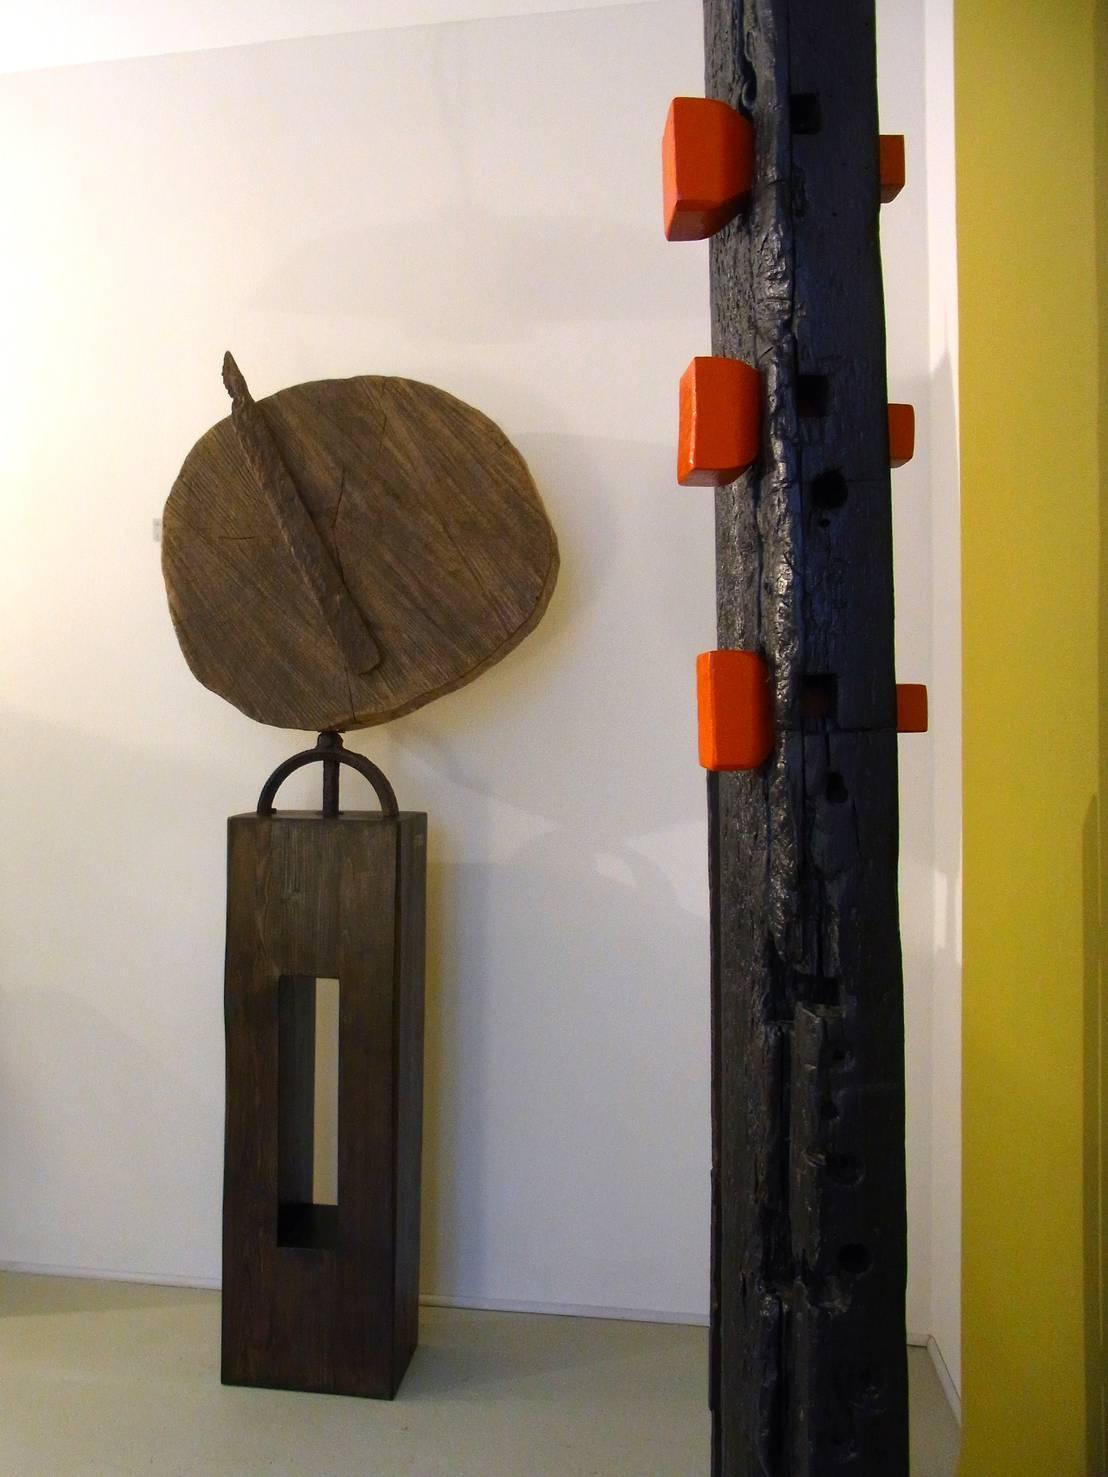 der zeit voraus 2014 kunstobjekt aus holz stahl von bernd kohl objekte in holz und. Black Bedroom Furniture Sets. Home Design Ideas